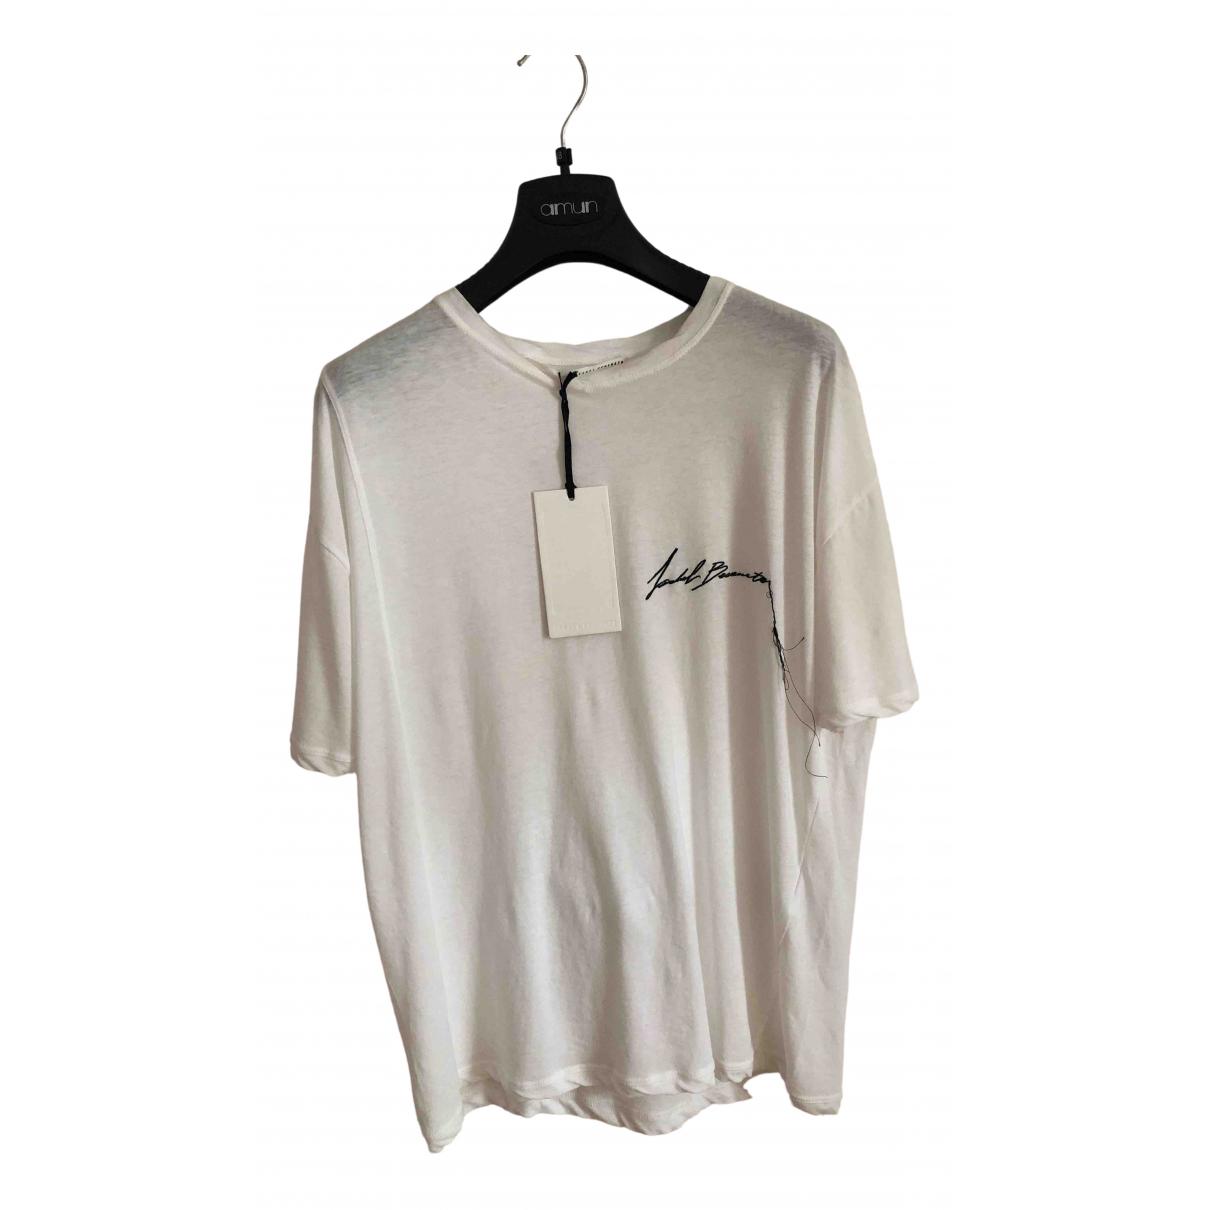 Isabel Benenato - Tee shirts   pour homme en coton - blanc